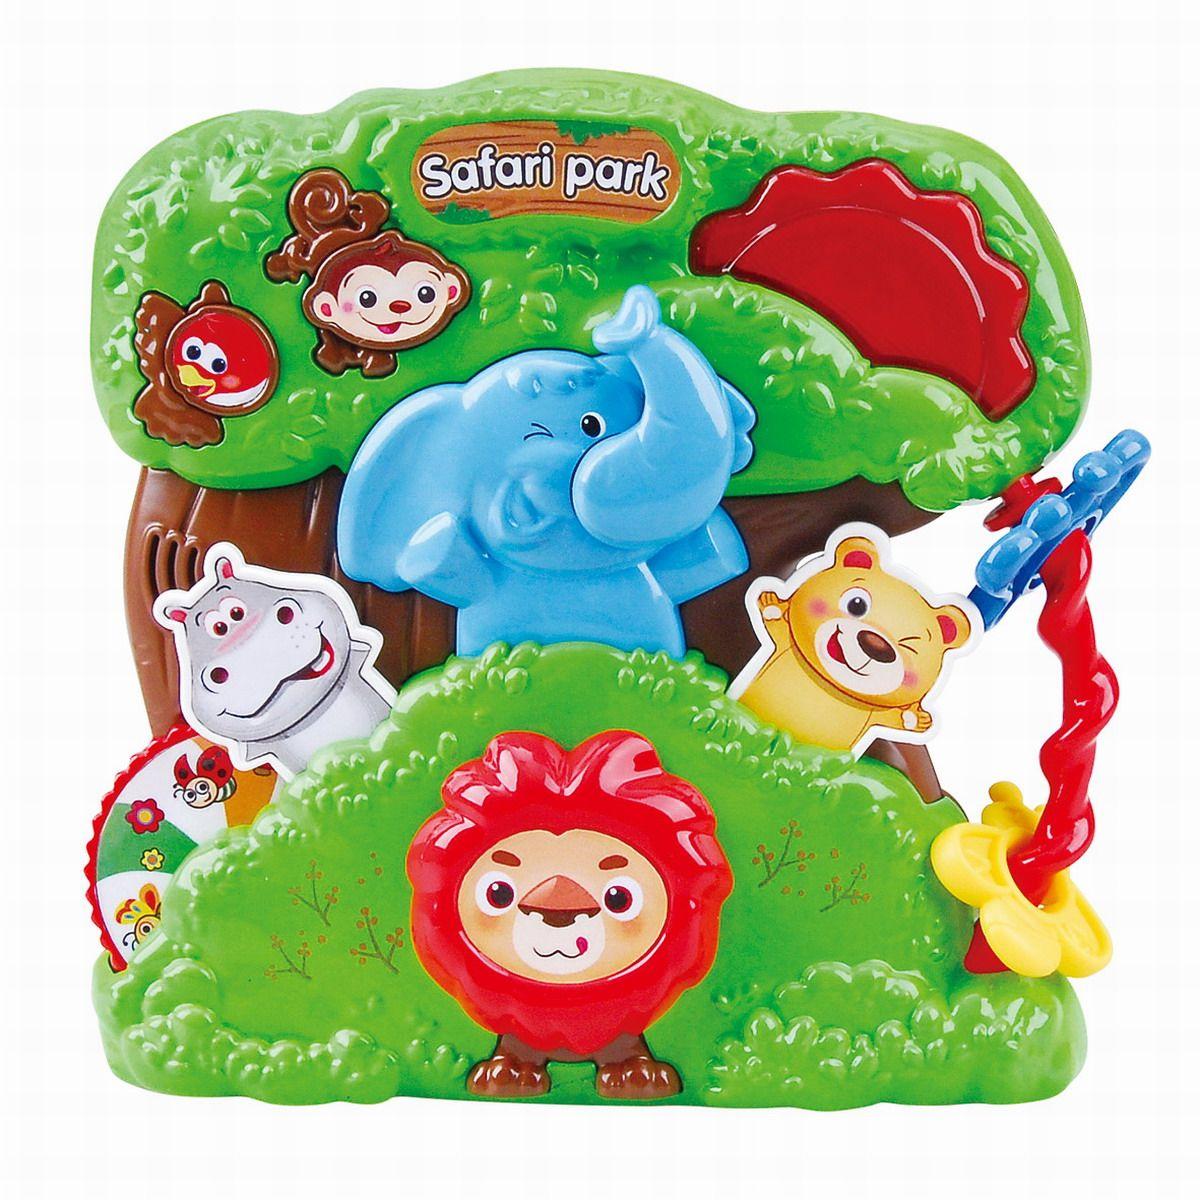 Playgo Развивающая игрушка Сафари парк